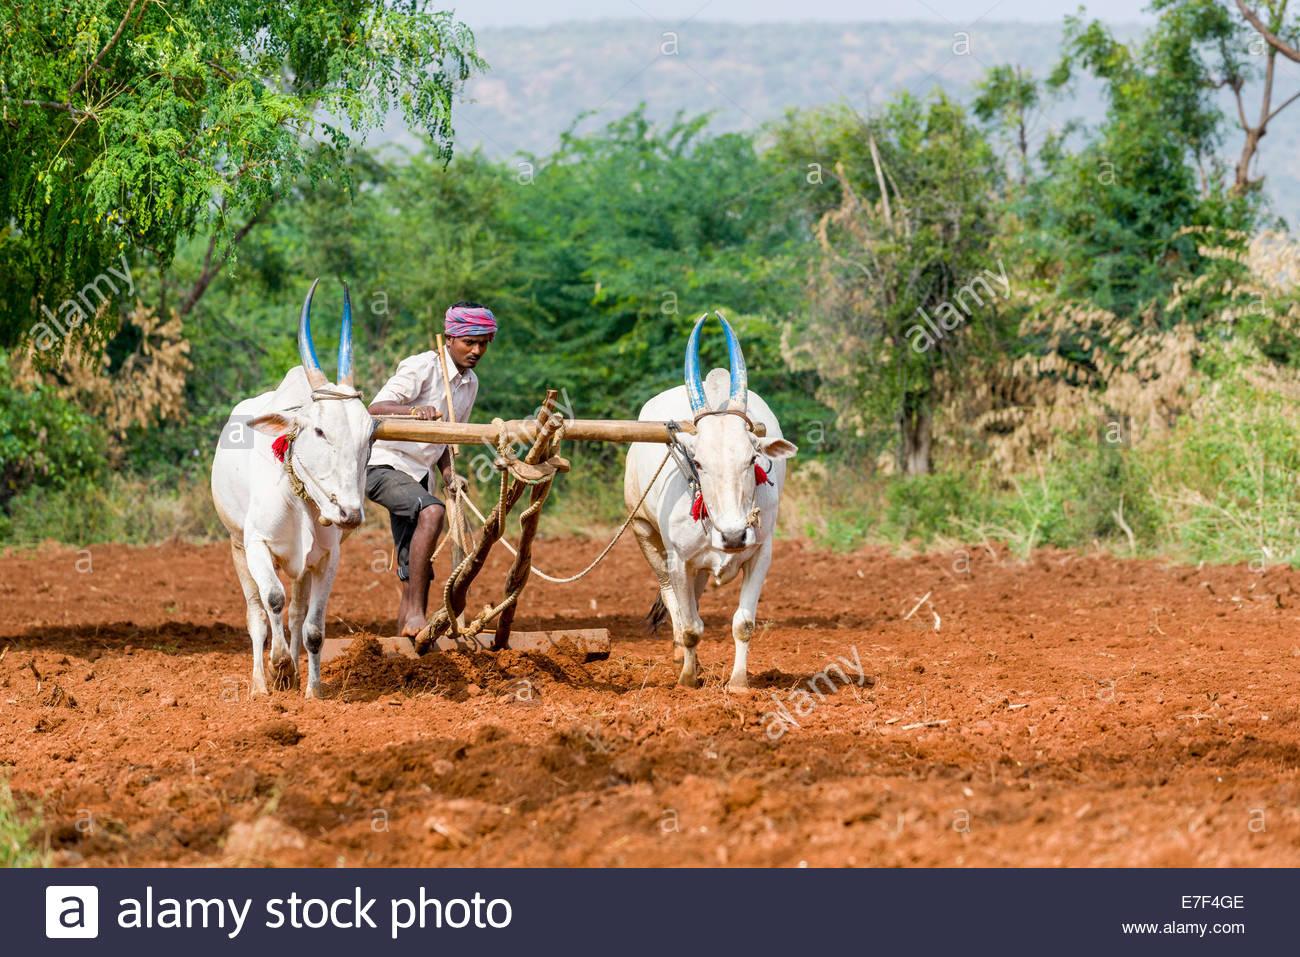 White Oxen Stock Photos & White Oxen Stock Images.